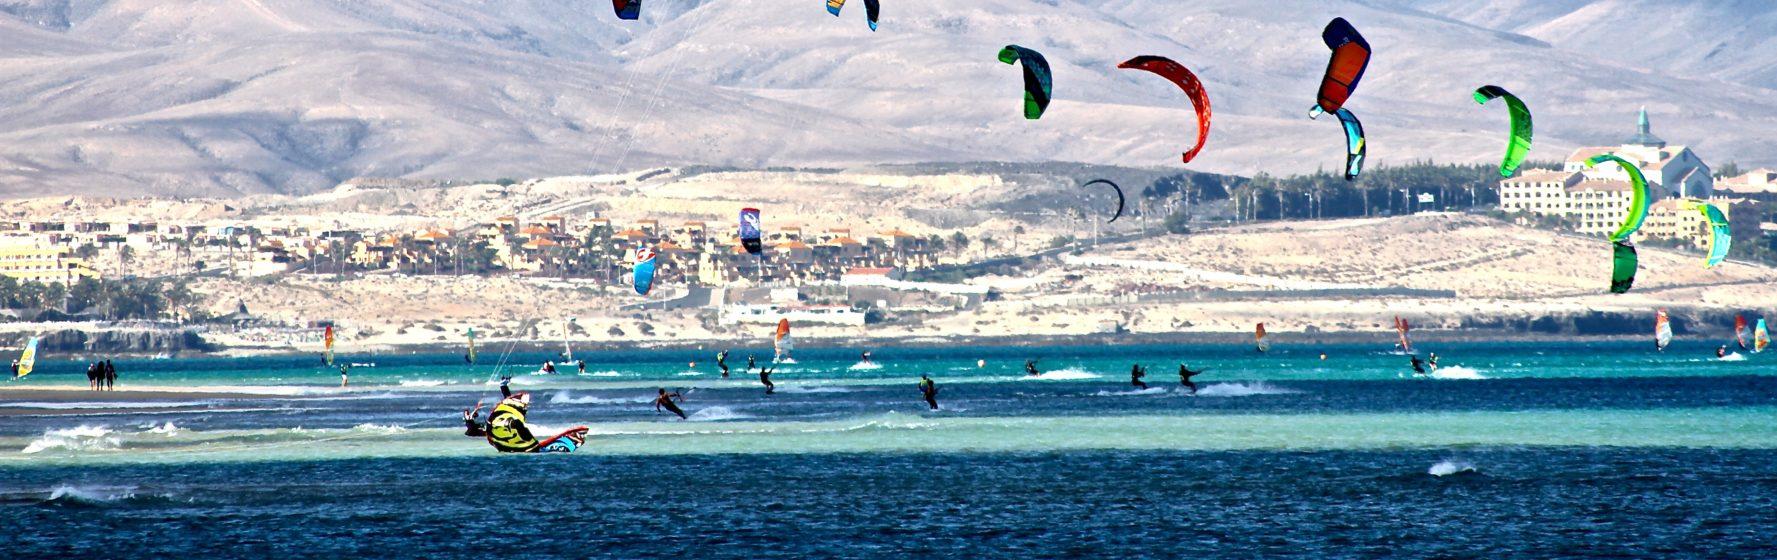 Hiszpania-Fuertaventura-kitewyjazdy.pl-kitesurfing-szkolenia